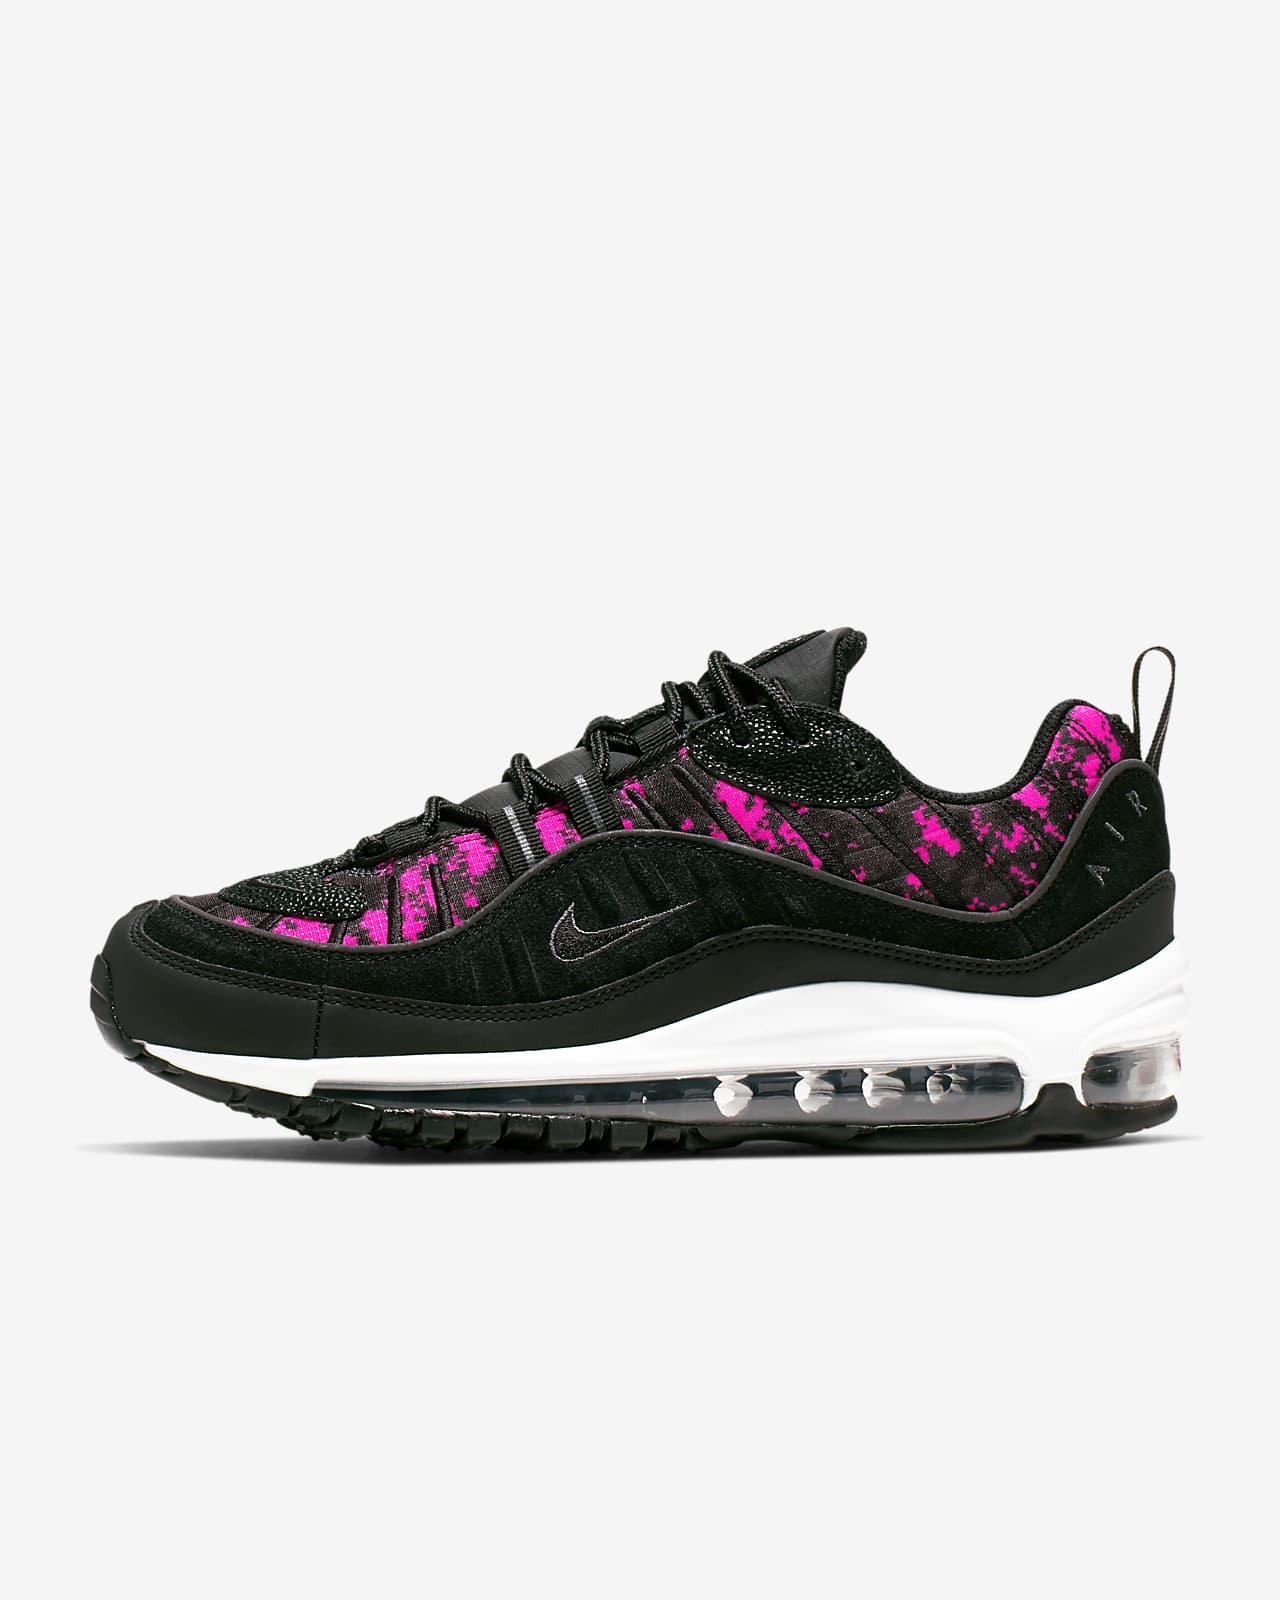 Nike Air Max 98 Premium Camo sko til kvinder